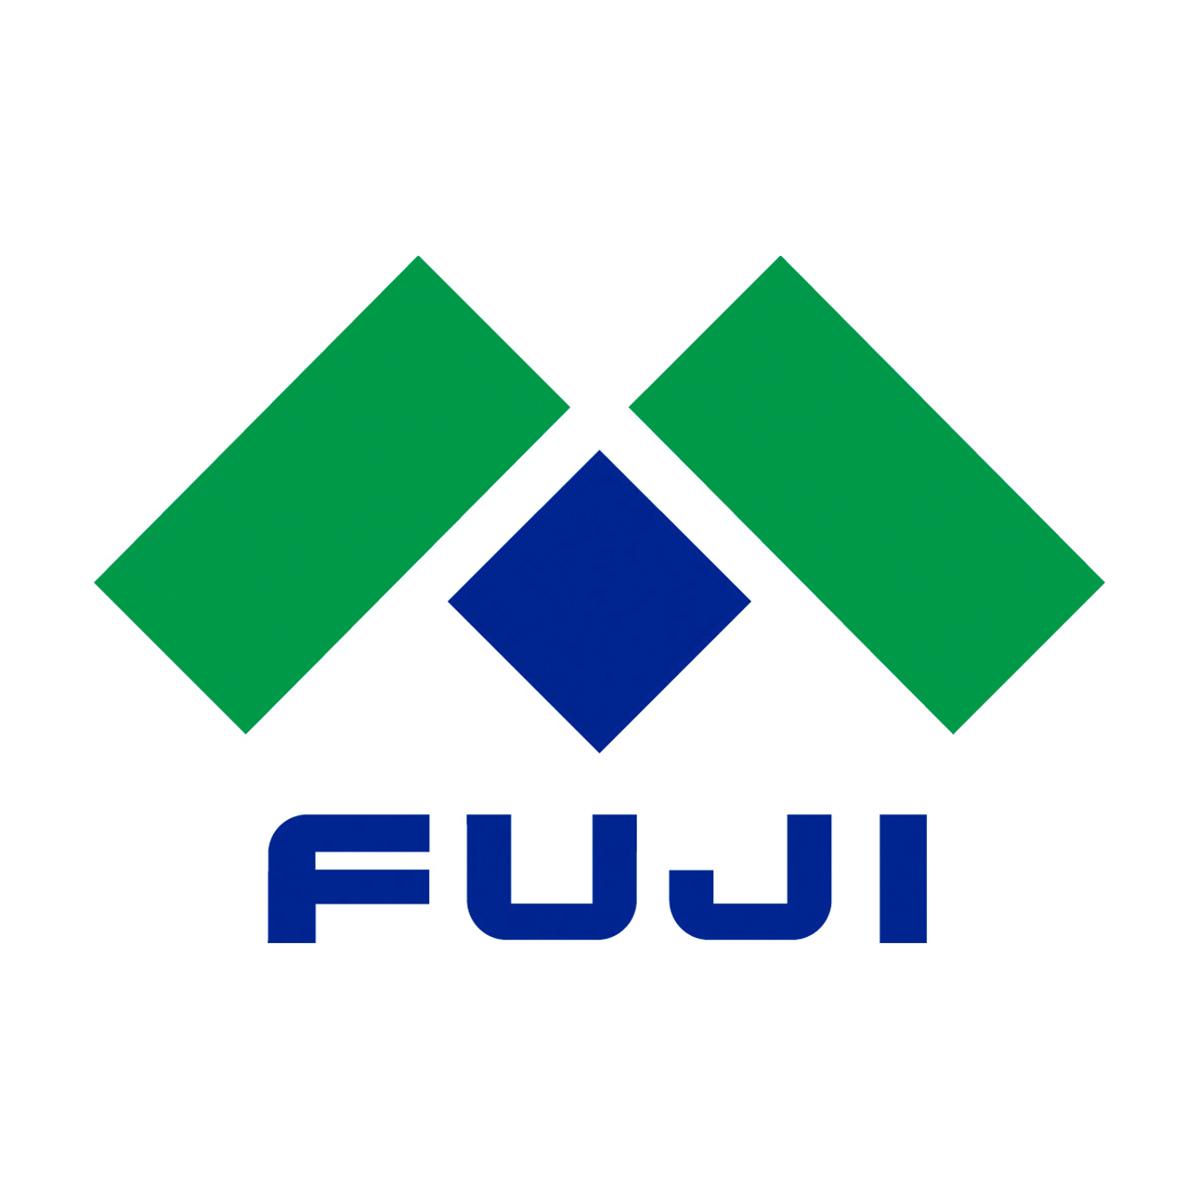 富士建設 ロゴマーク